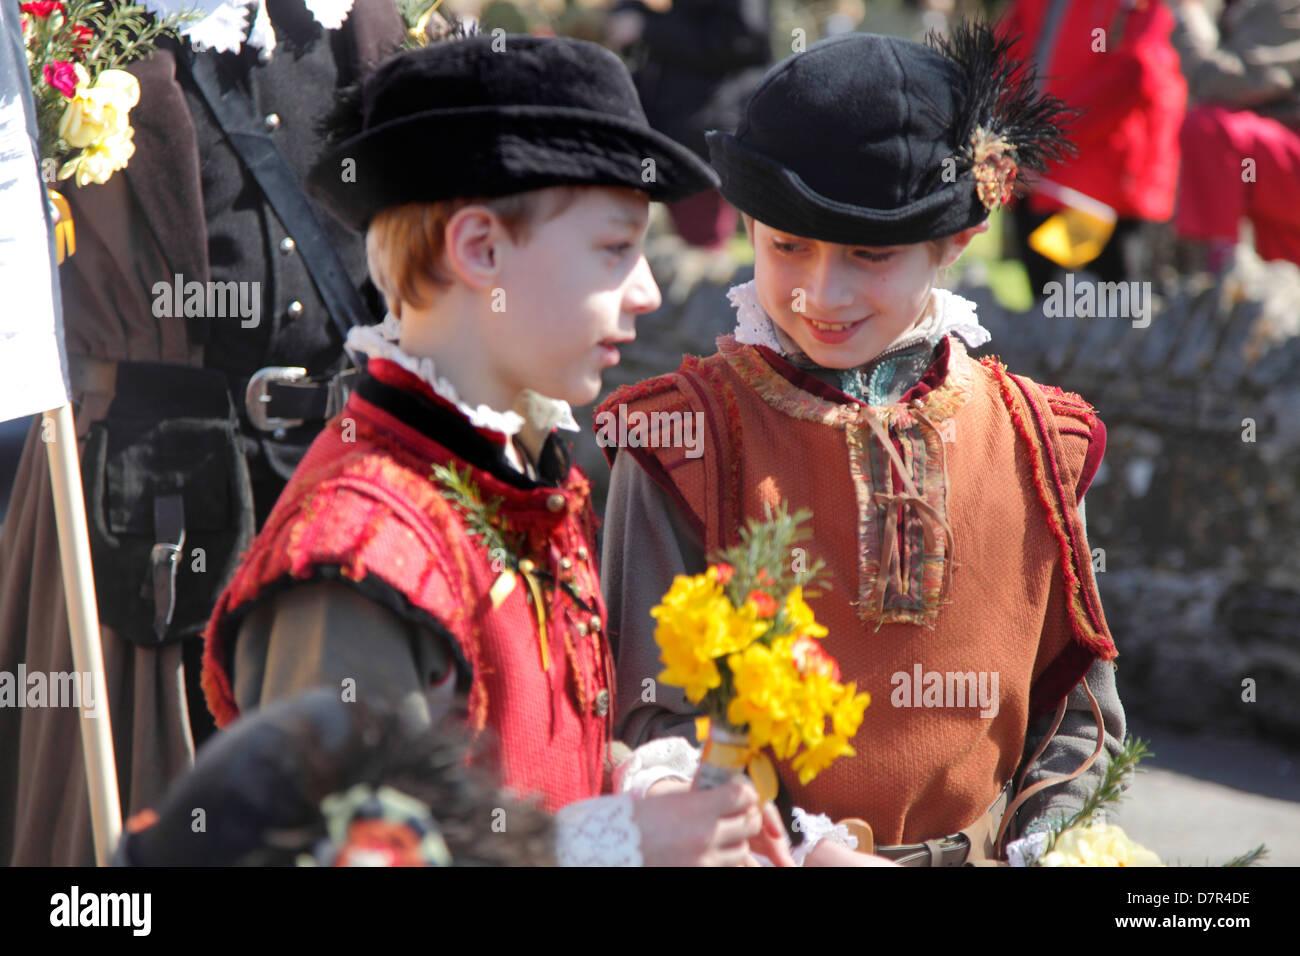 Dos jóvenes muchachos del Página Shakesperianos cumpleaños anual desfile conmemorativo en Stratford Imagen De Stock